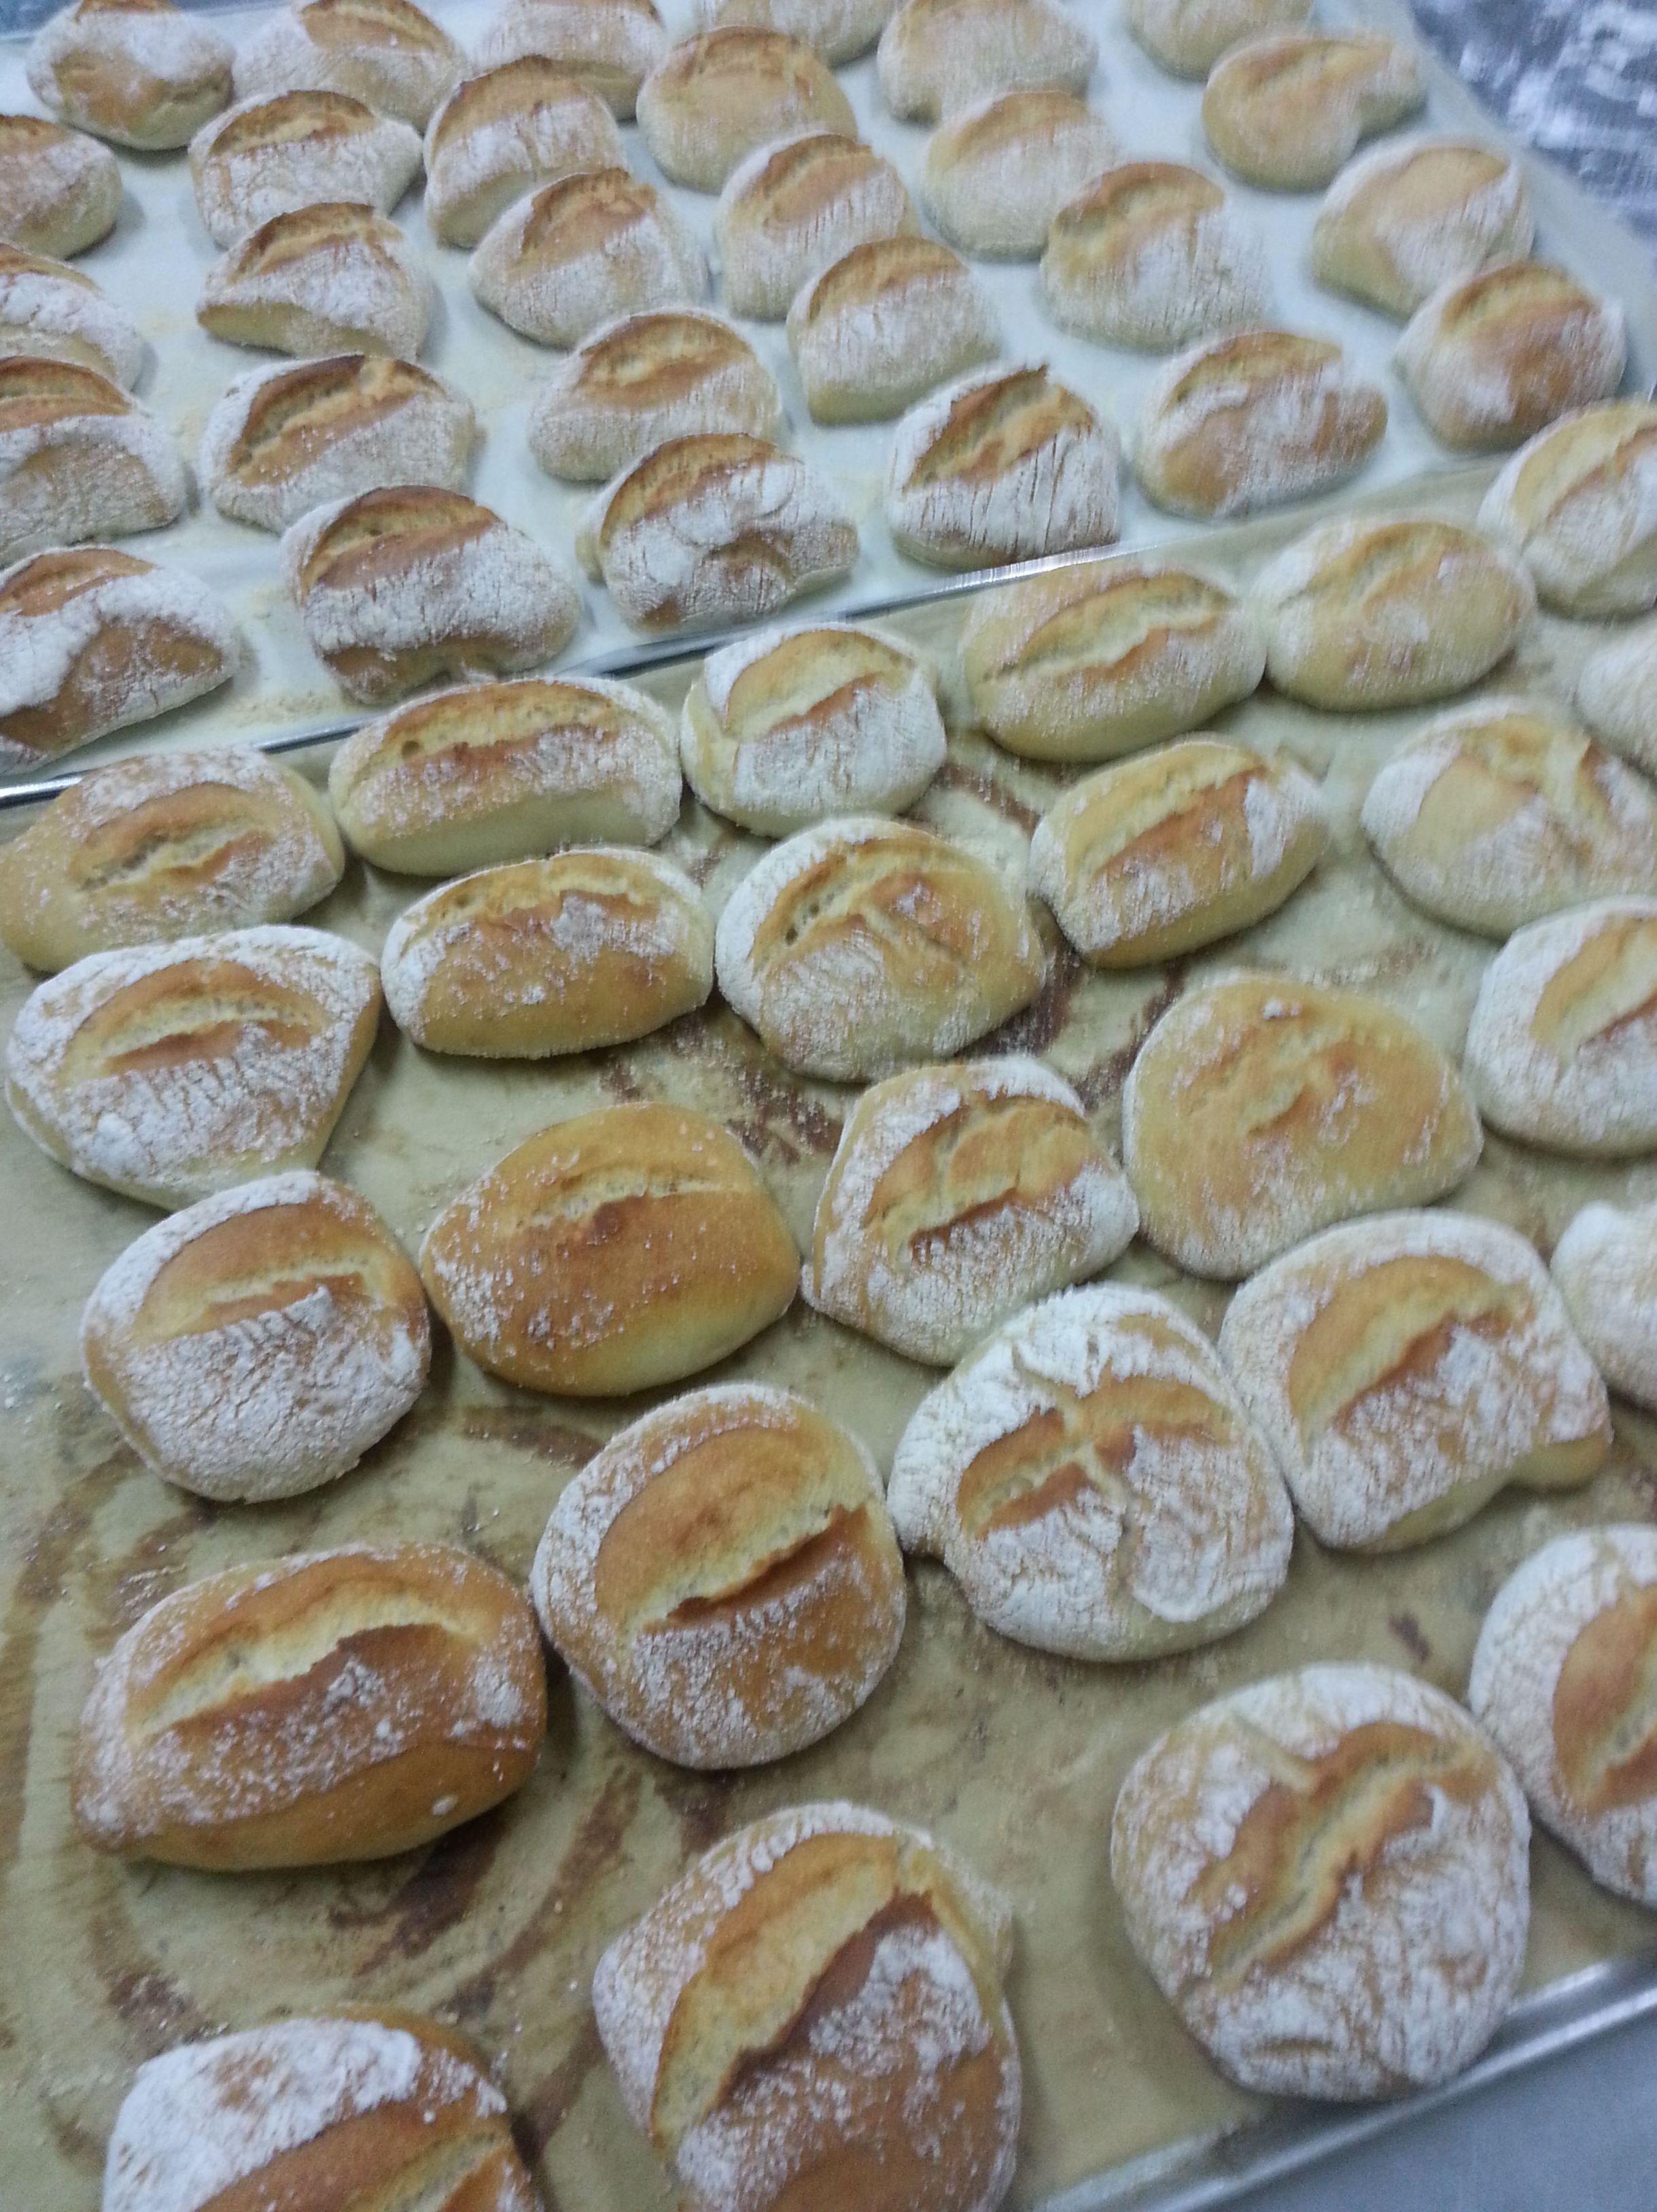 Foto 43 de Panadería y pastelería con gluten y sin gluten en Narón | Pastelería Santy